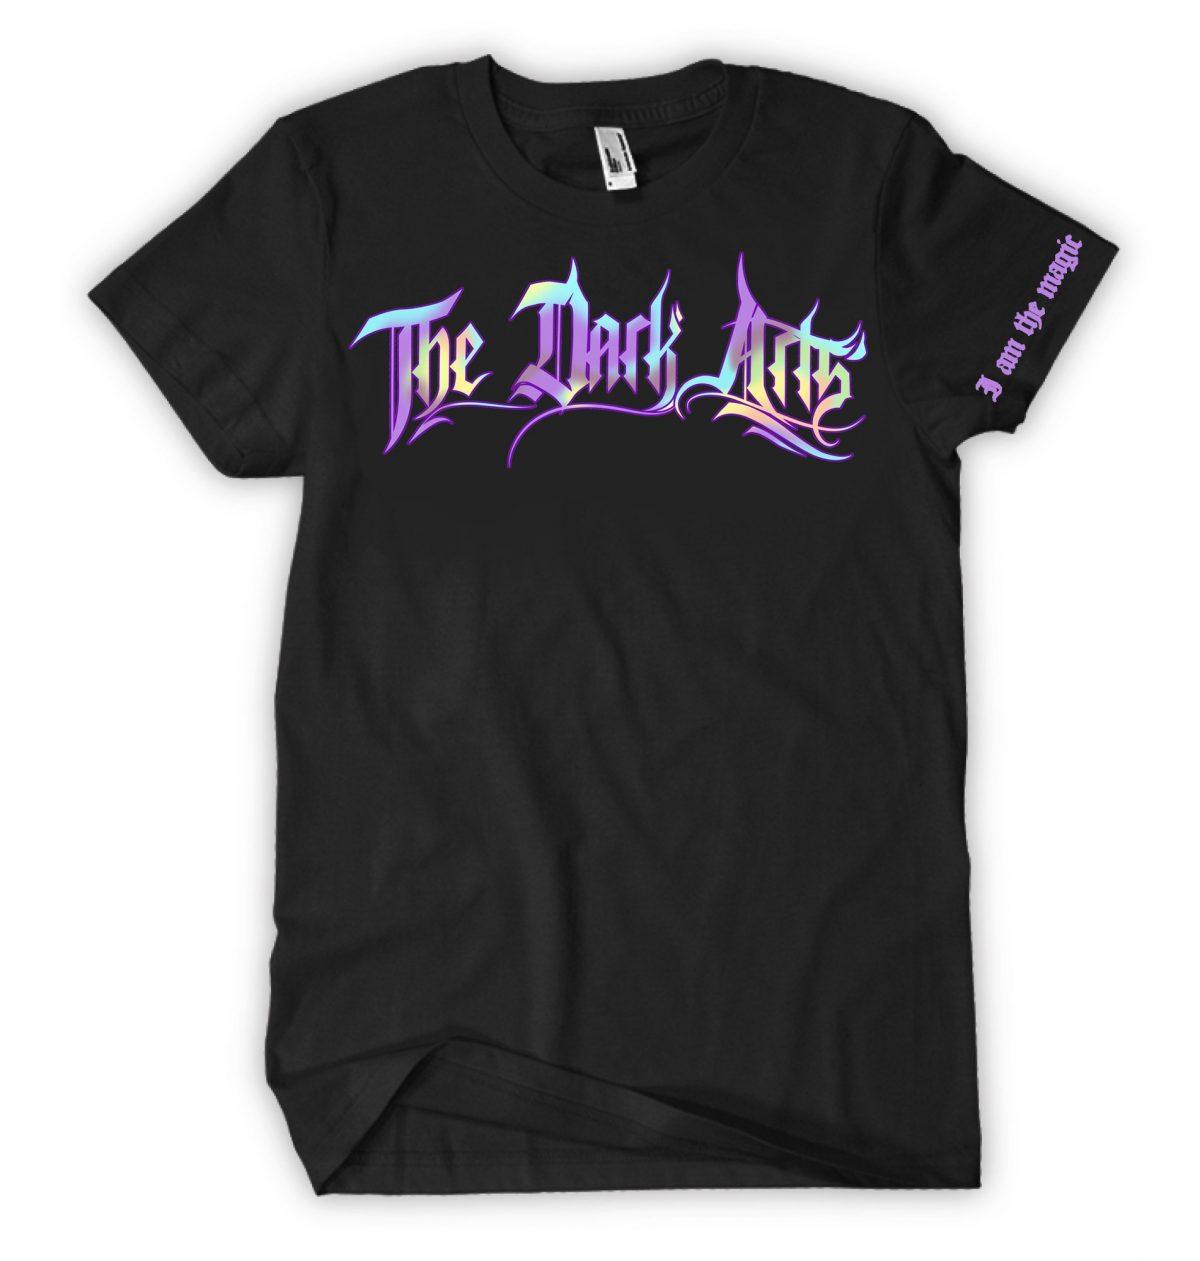 Dark Arts Pastel Logo Tee (FREE HAUNTED DARK ARTS EDITION ALBUM INCLUDED) - thedarkarts